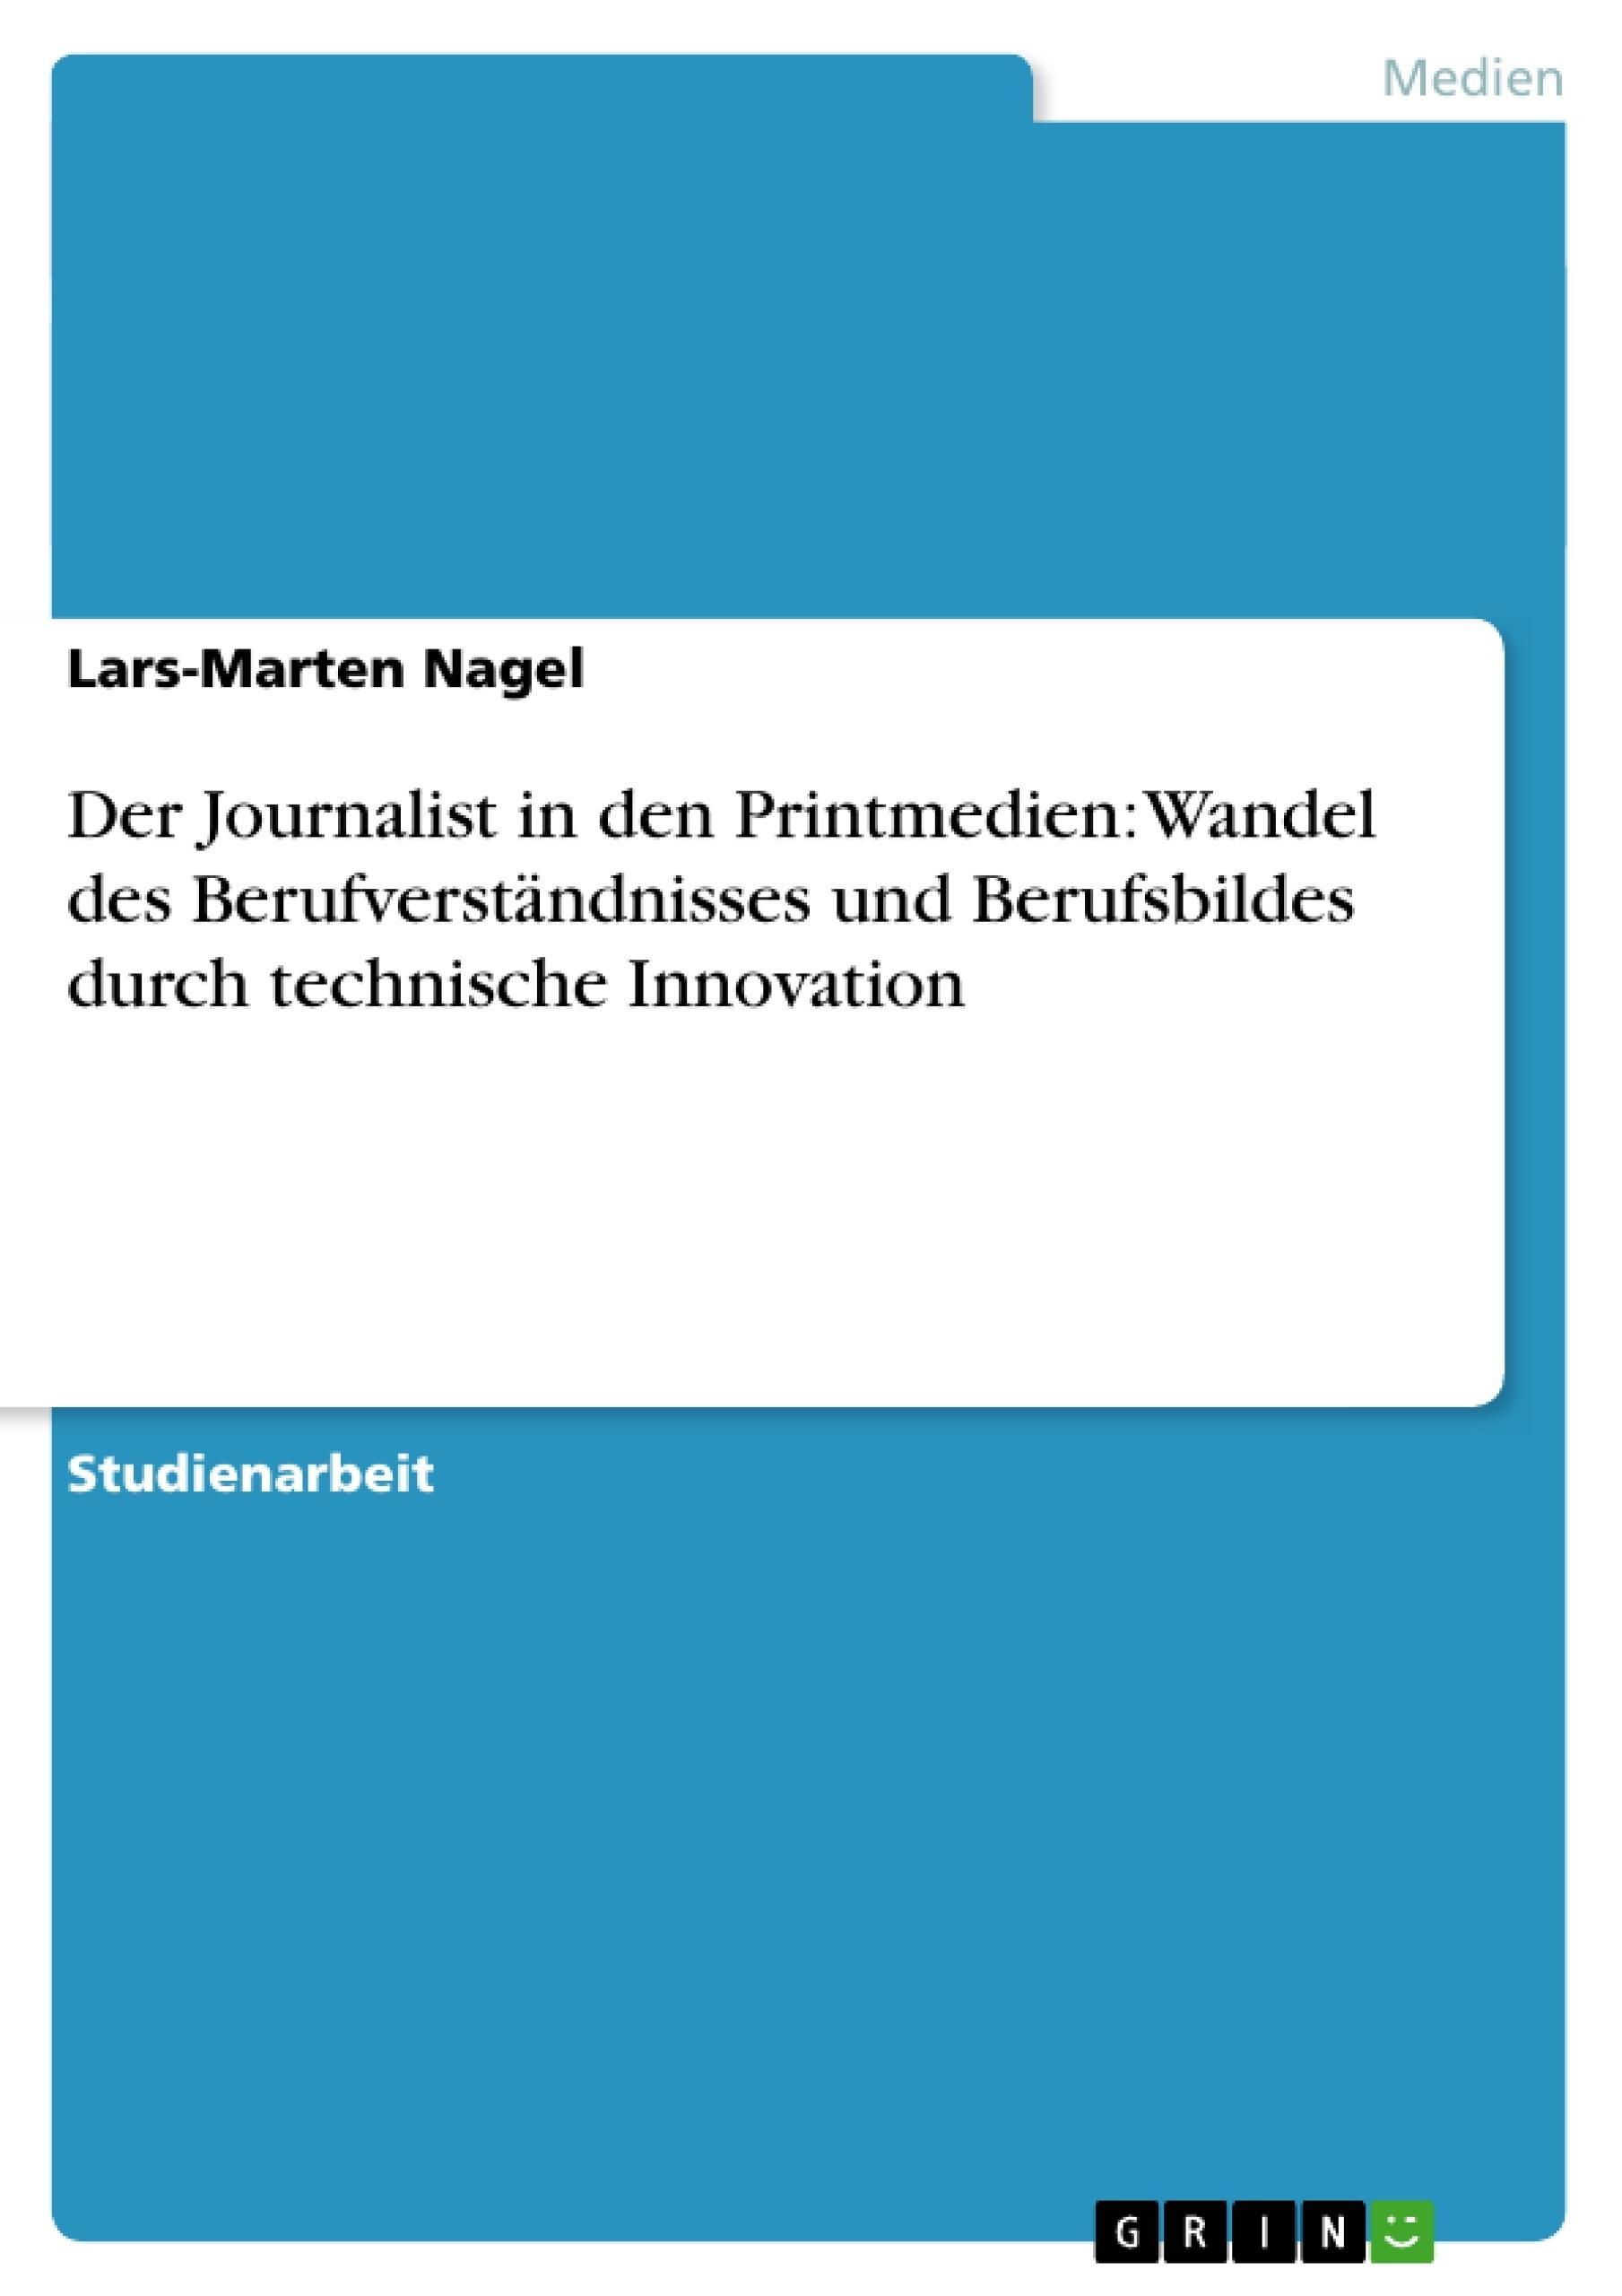 Titel: Der Journalist in den Printmedien: Wandel des Berufverständnisses und Berufsbildes durch technische Innovation